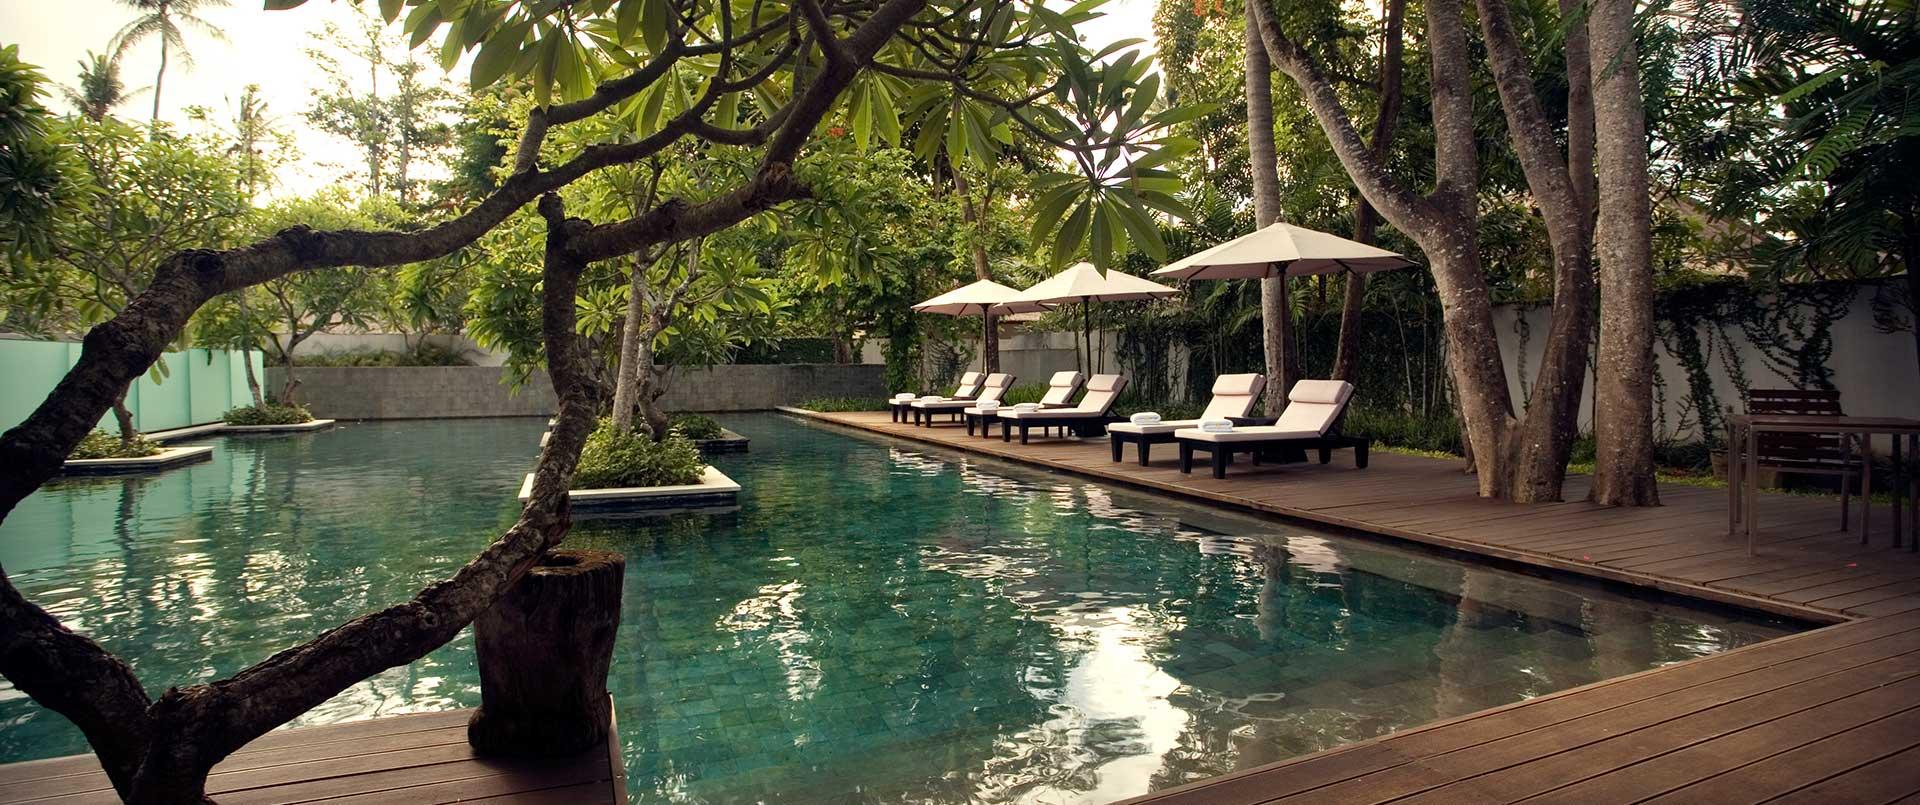 Kayumanis Ubud Private Villas & Spa, Ubud, Bali